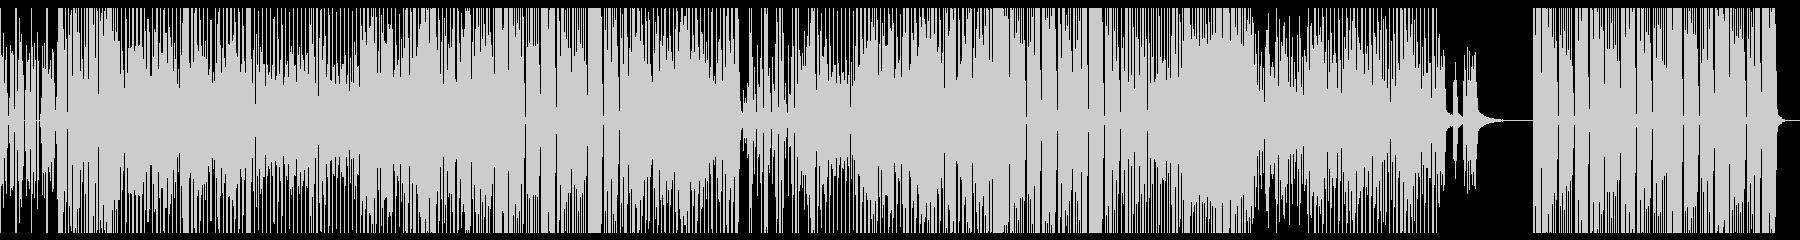 ファンキーで軽快なテクノポップの未再生の波形